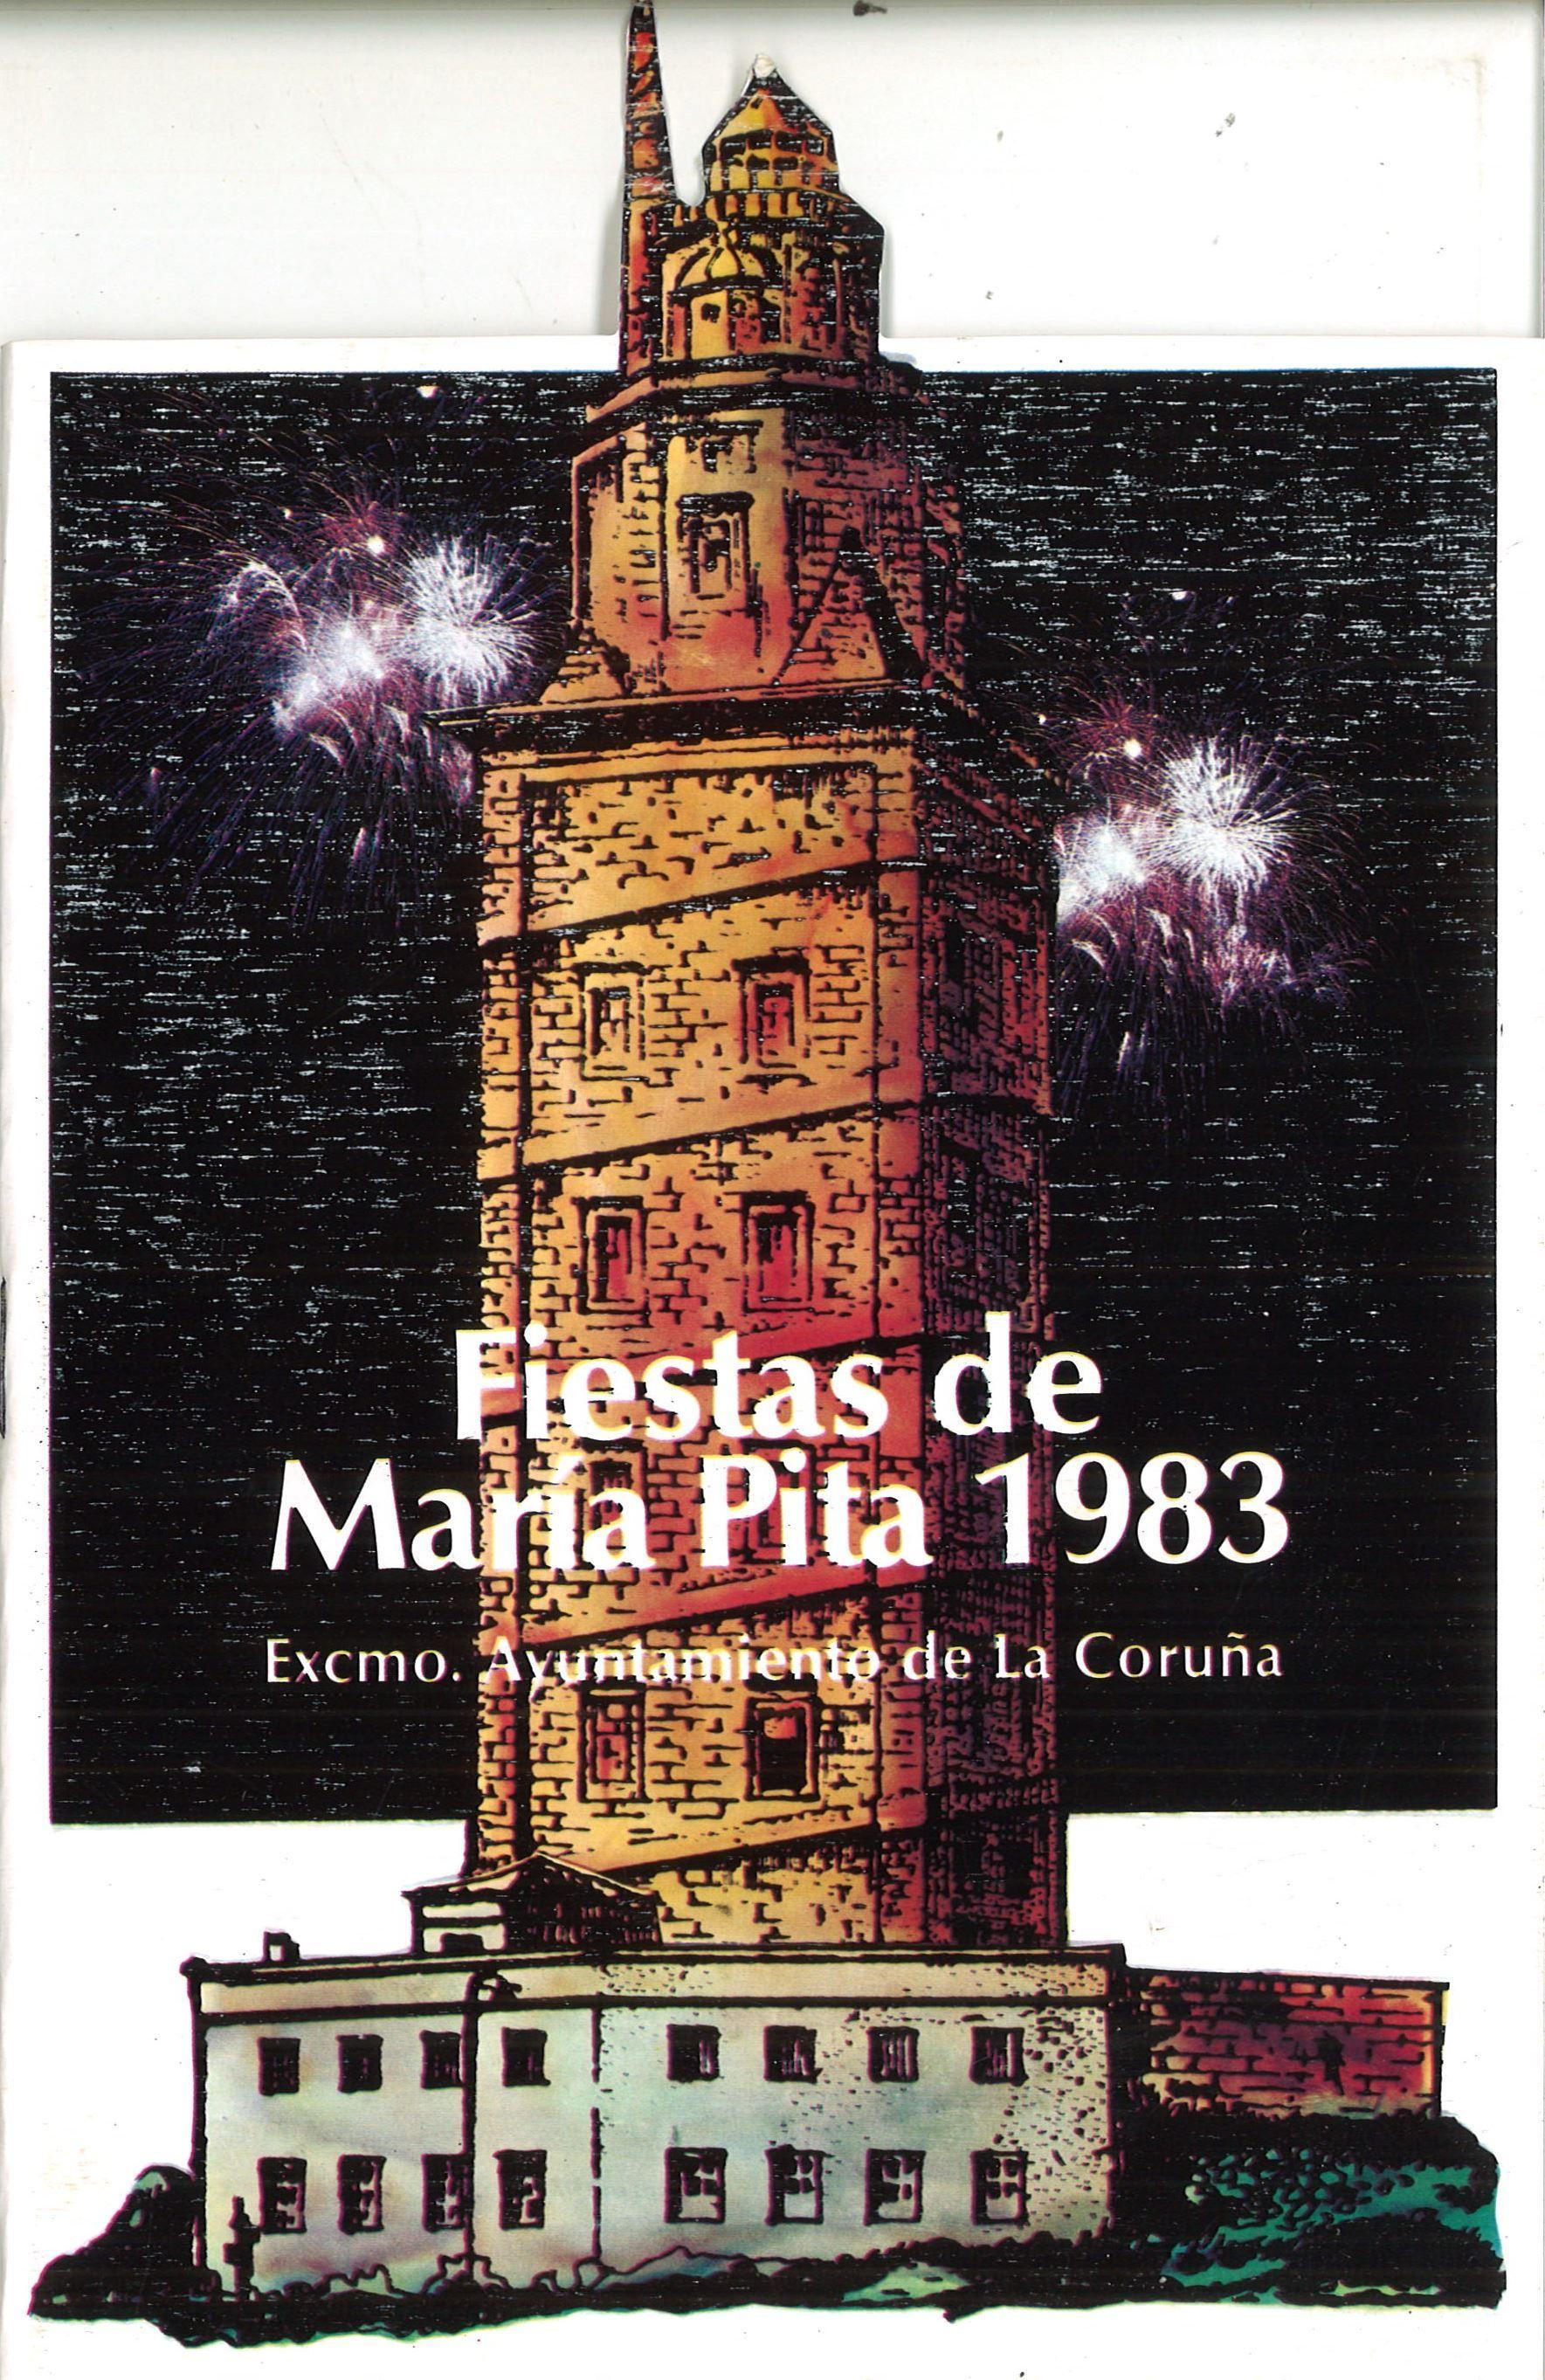 Programa De Las Fiestas De María Pita 1983 A Coruña Ayuntamiento De La Coruña D L 1981 Gráficas Coruñesas A Coruña Ayuntamiento De La Coruña Pita